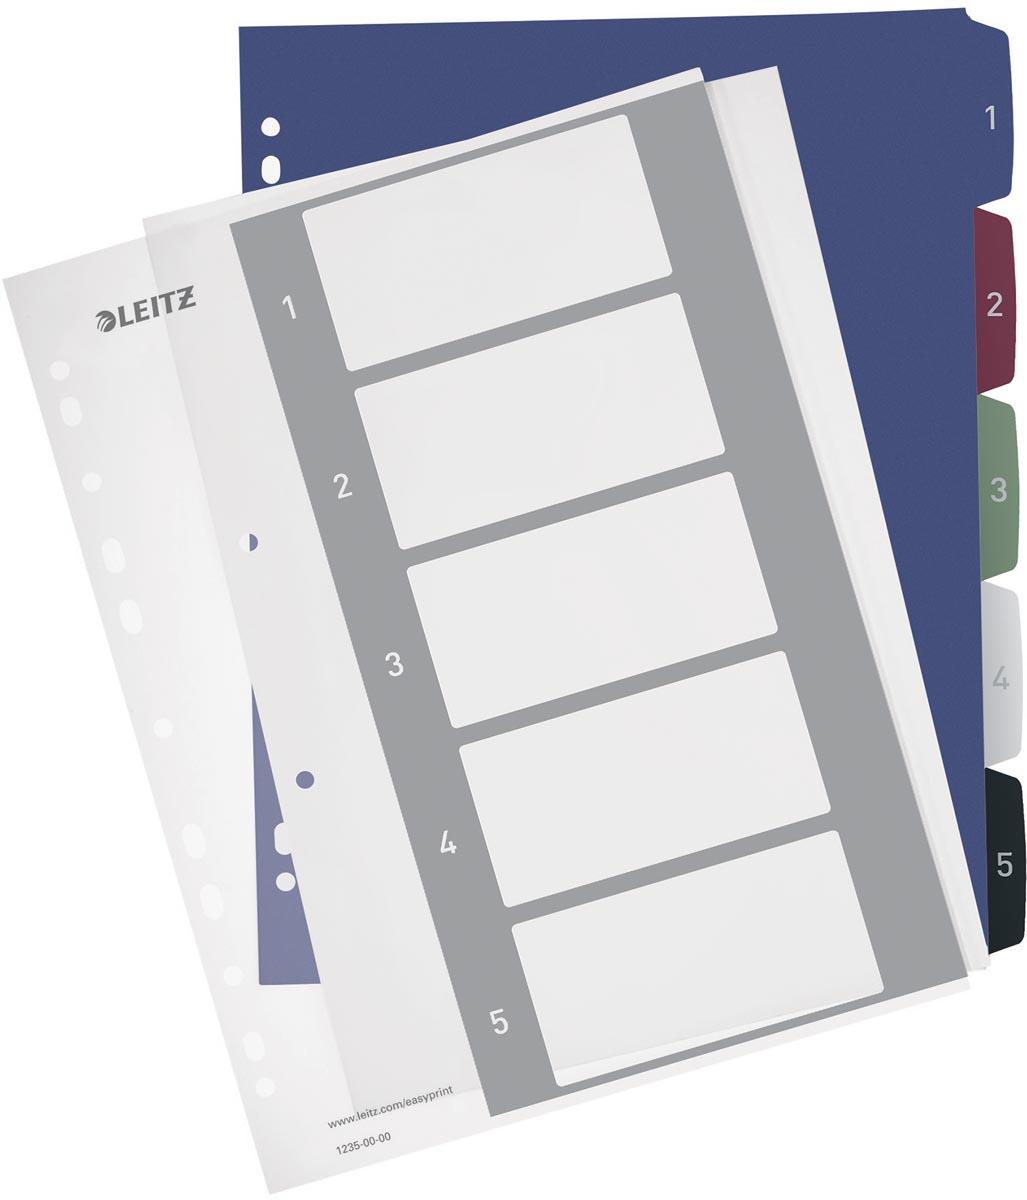 Leitz personaliseerbare tabbladen, 11-gaatsperforatie, 1-5 tabs